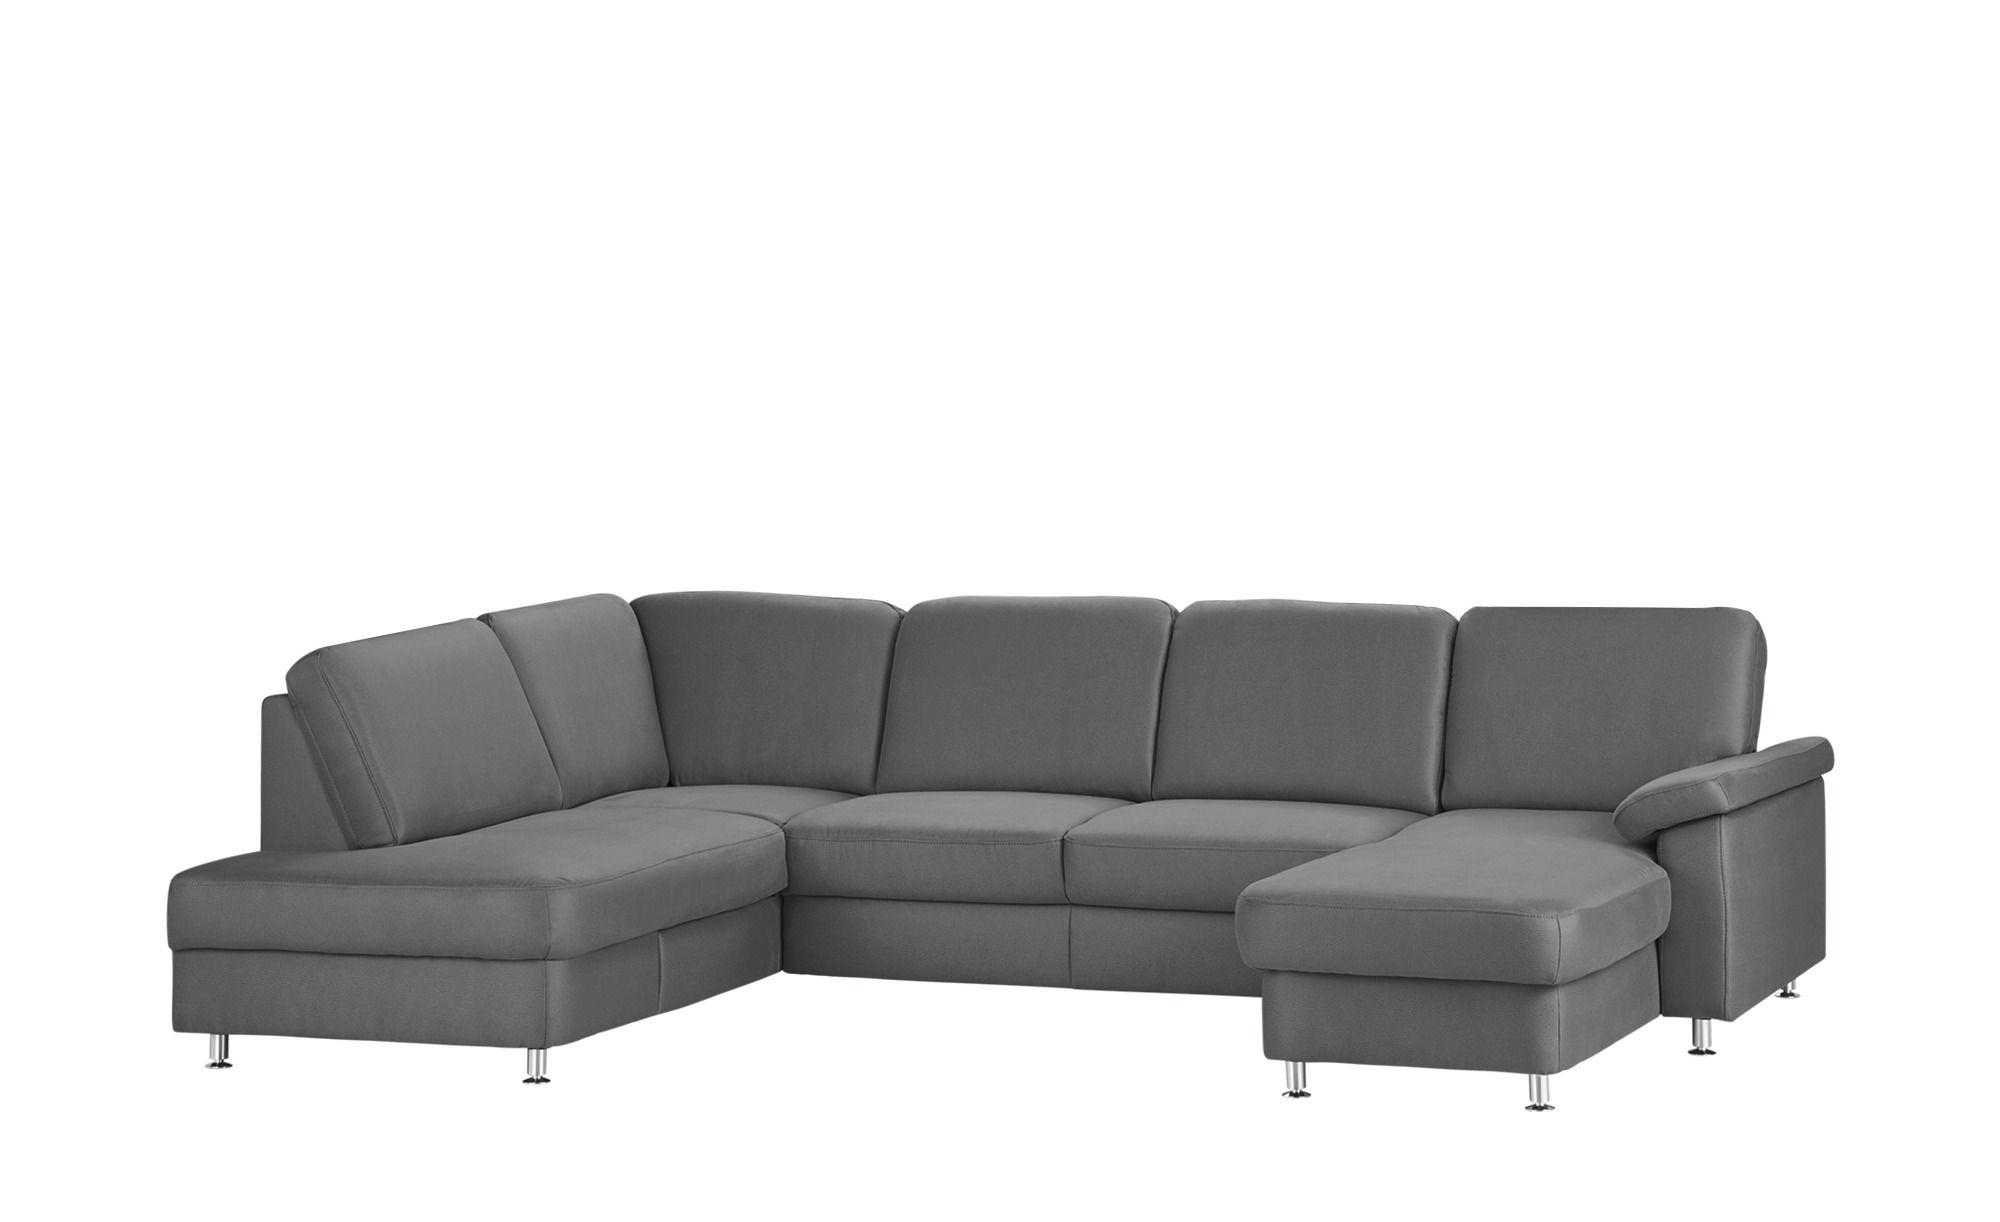 Wohnlandschaft Grau Mikrofaser Oliver S Wohnen Sofa